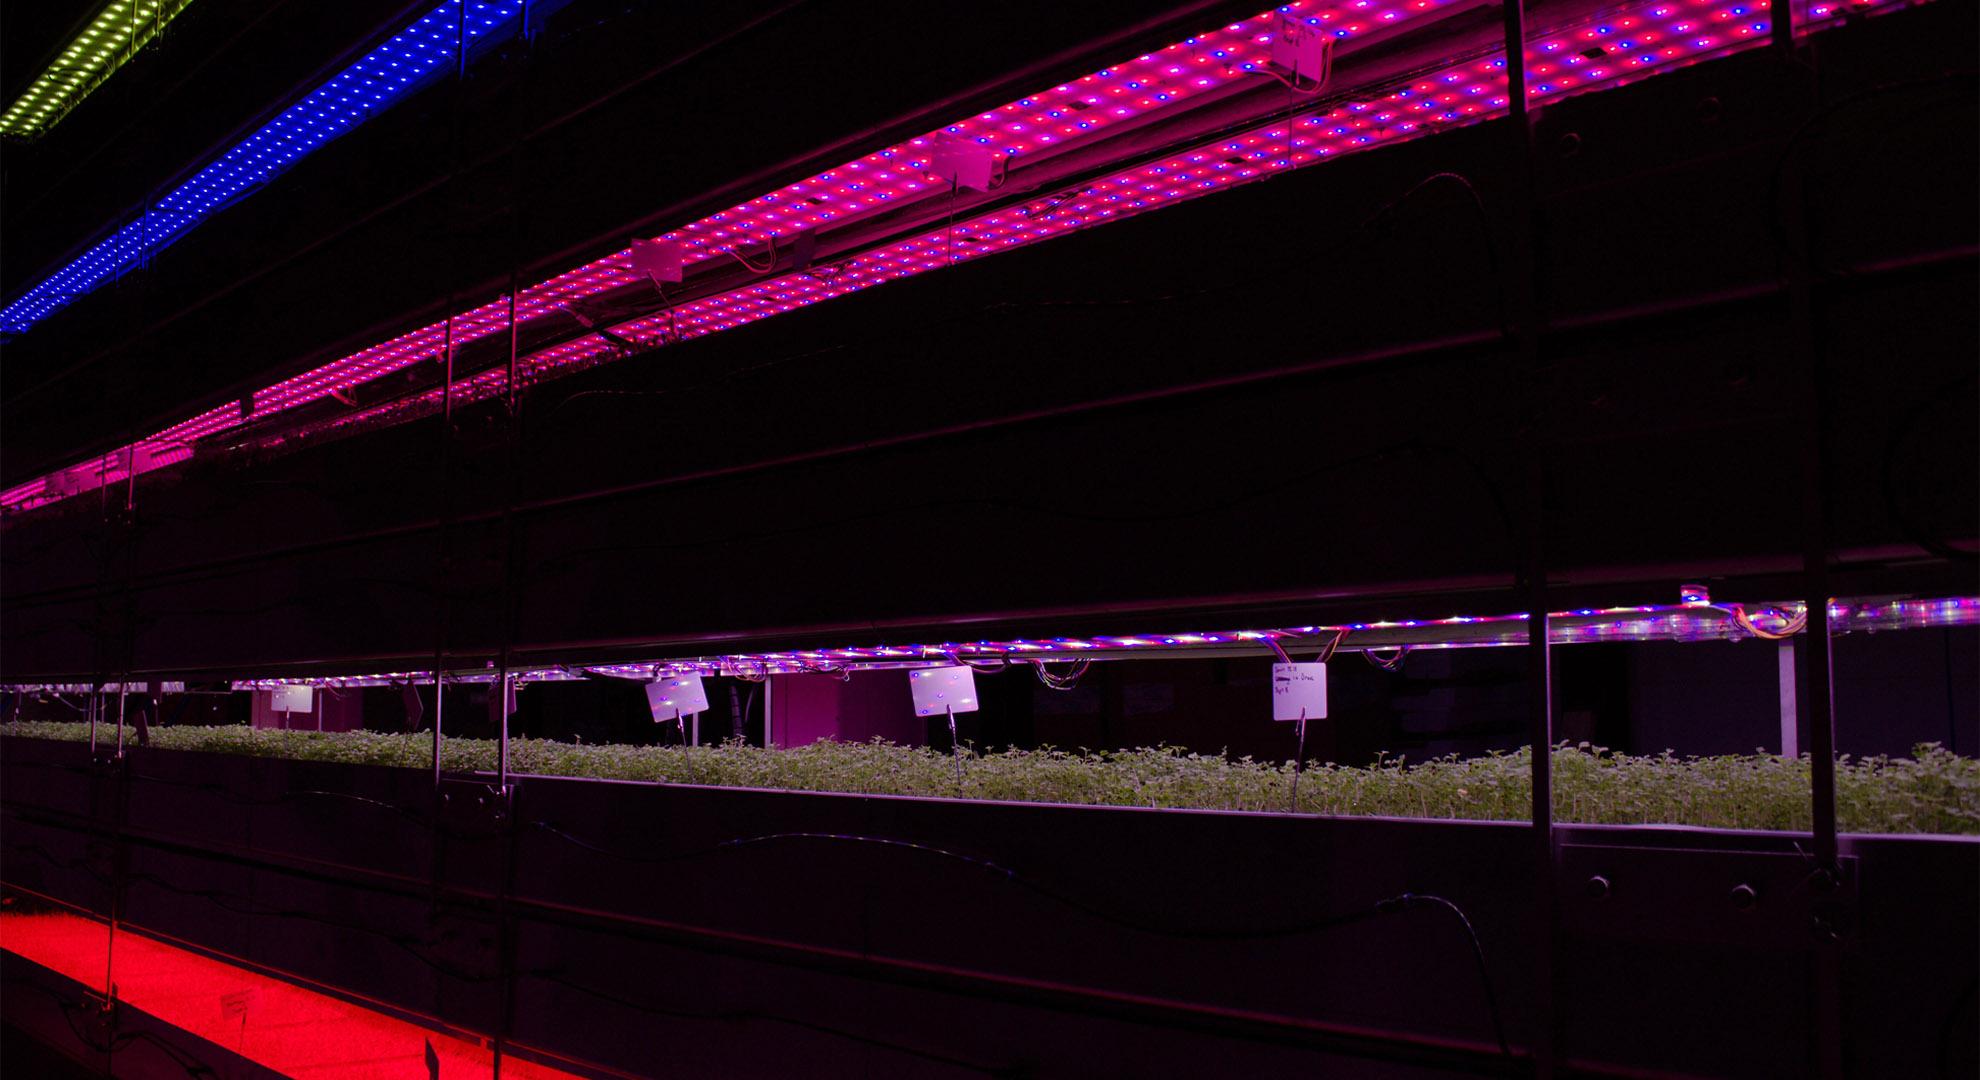 Sistema de cultivo que ofrece posibilidades alternativas en agricultura urbana.